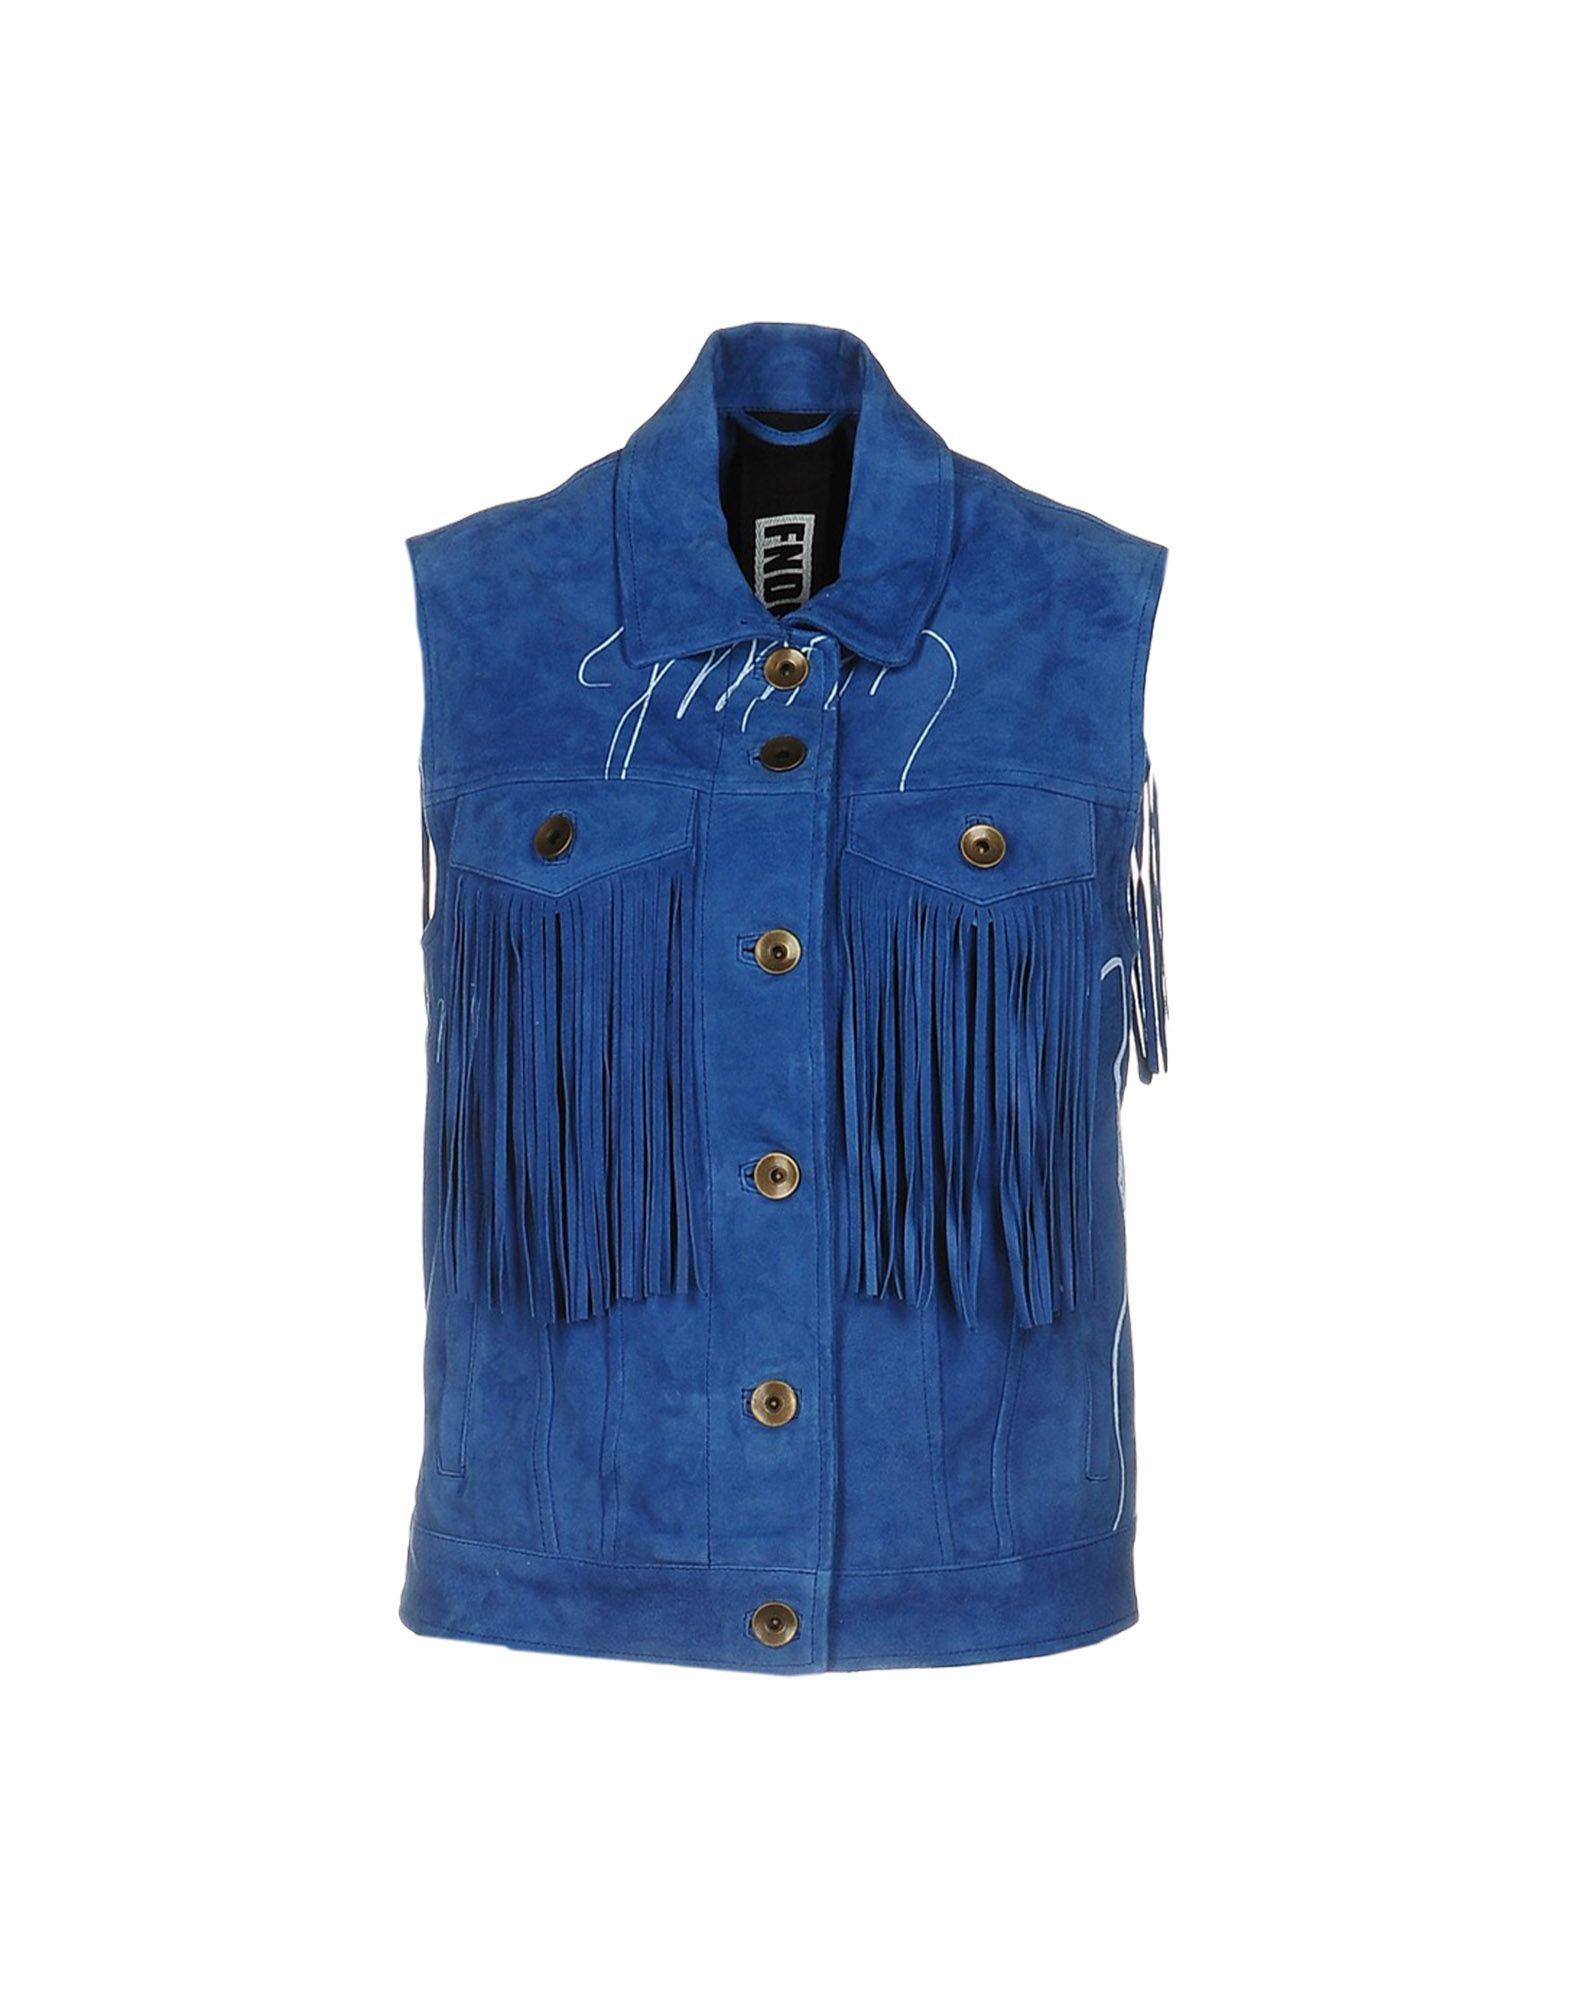 FNDH &Reg; Jackets in Pastel Blue